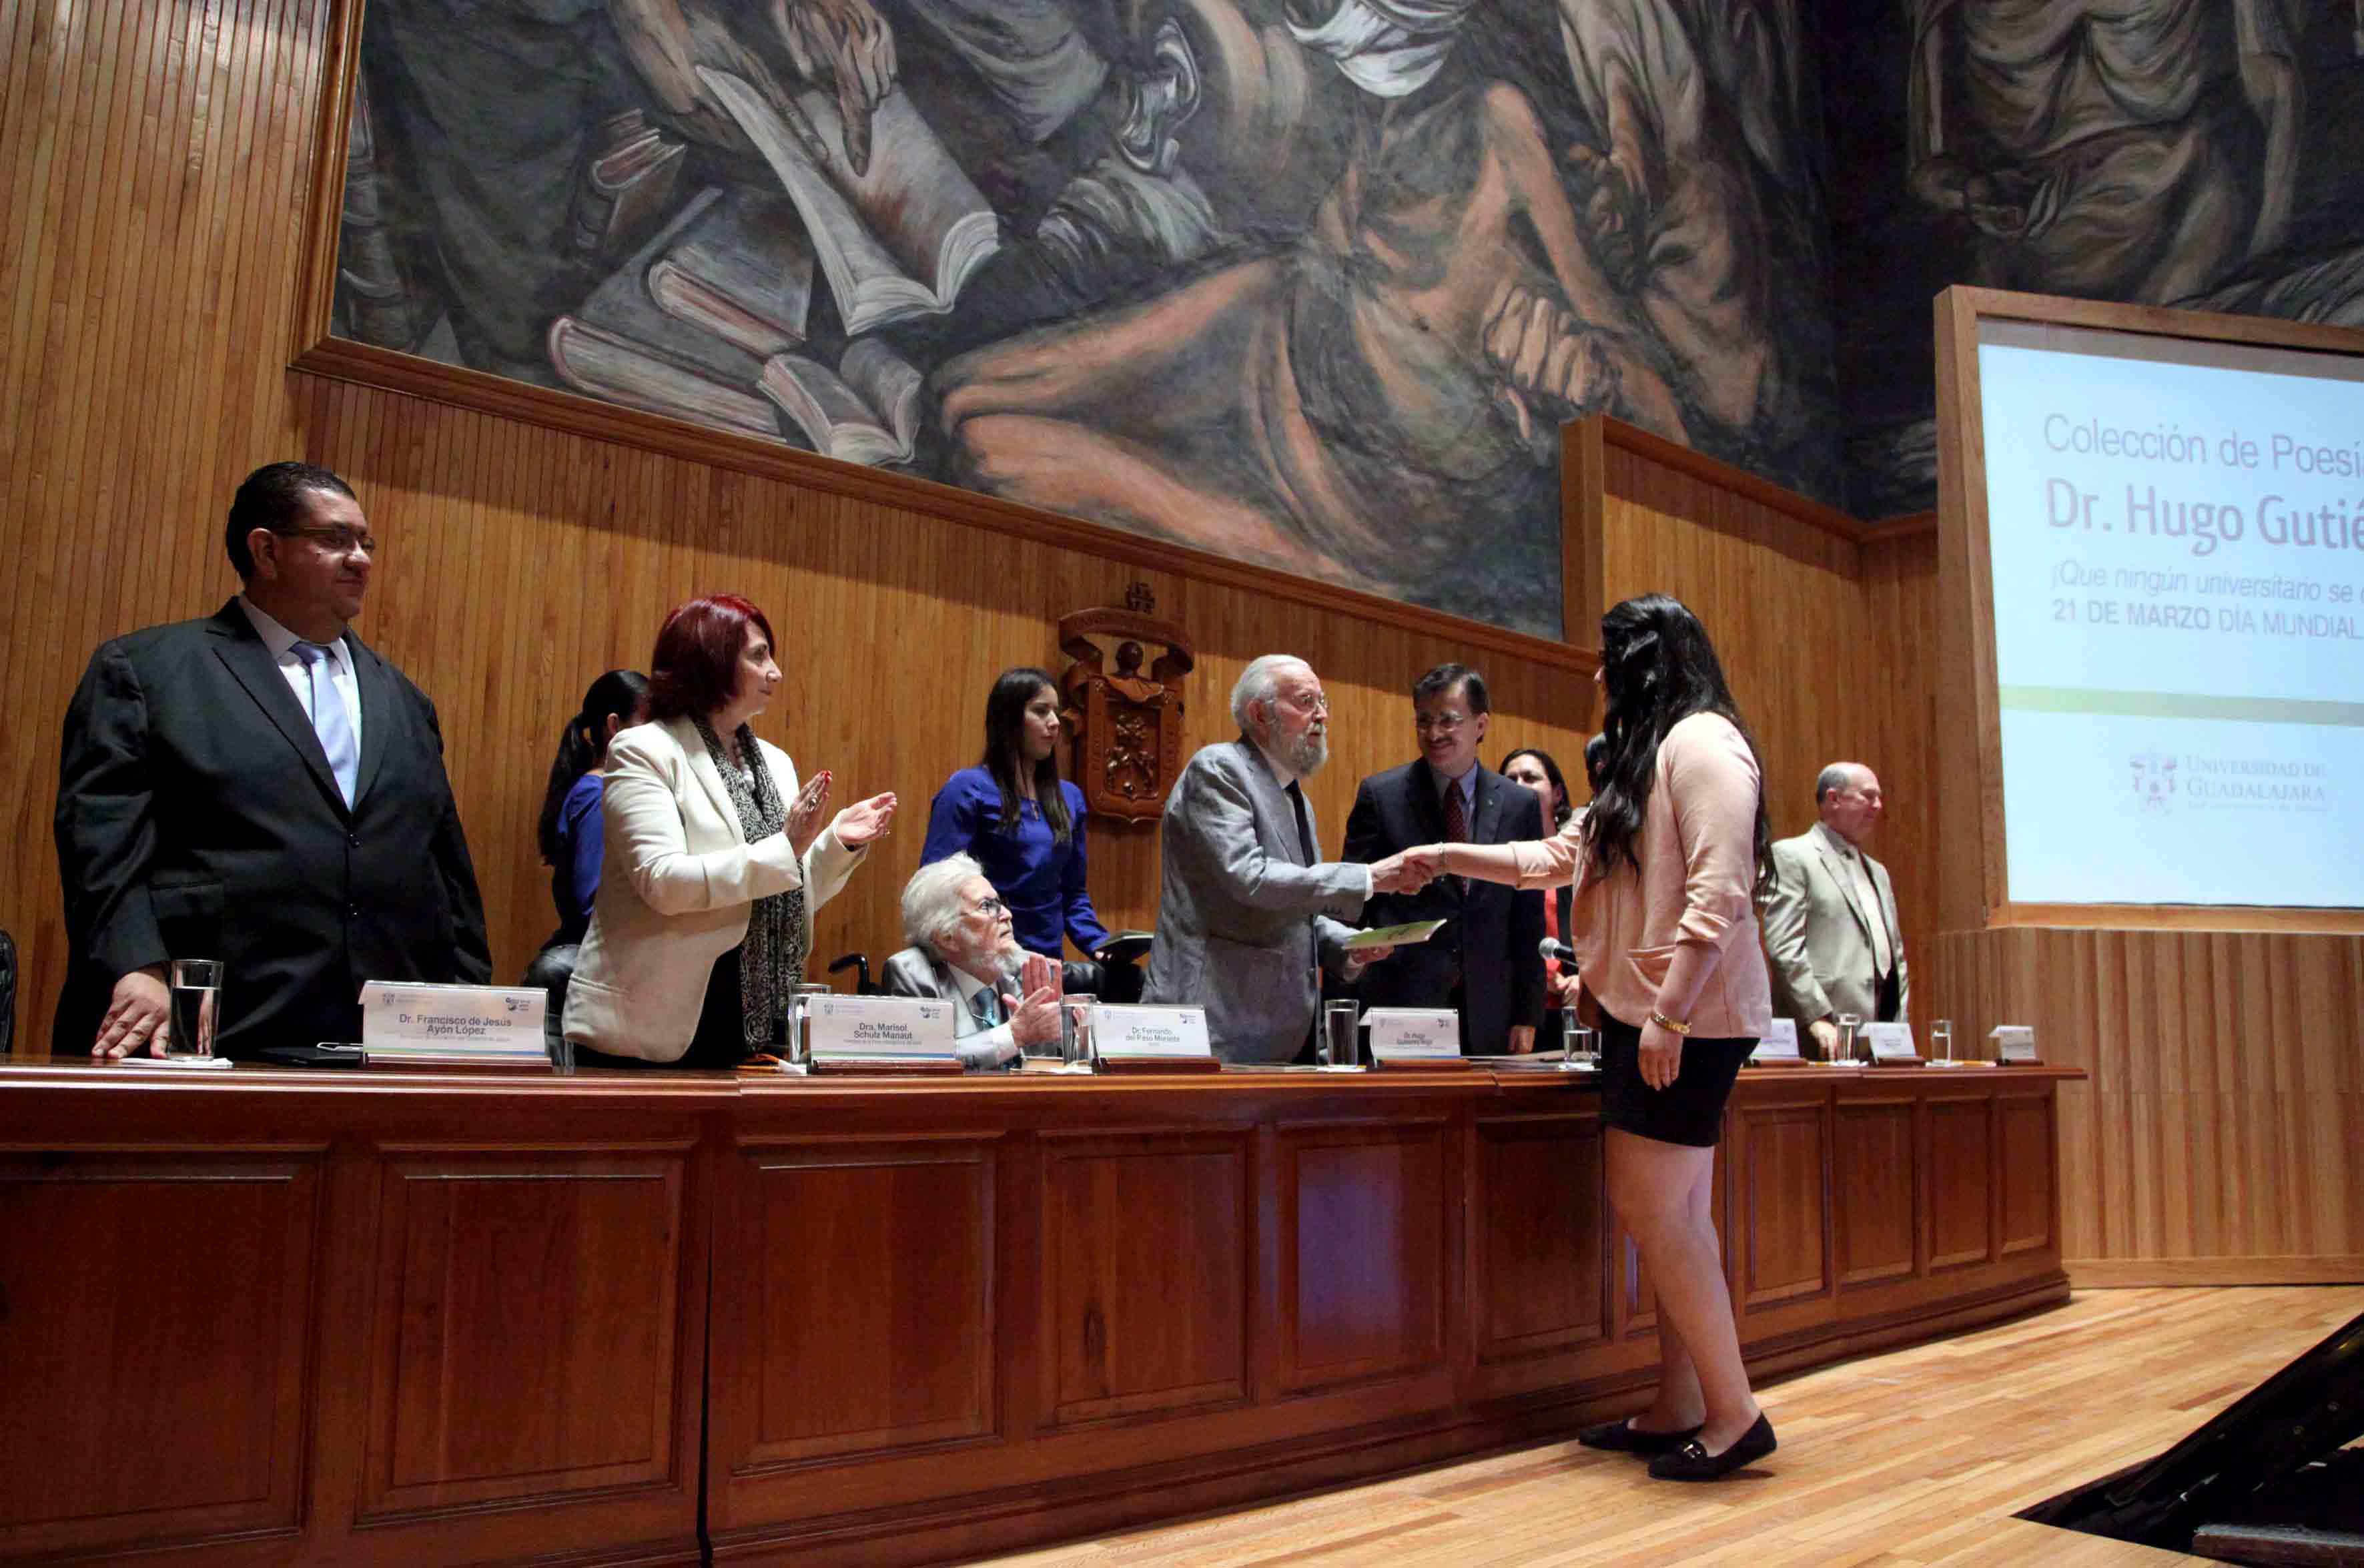 Entrega de ejemplar del primer título de la colección presentada a Itzel Bravo Calzada de la Preparatoria de Puerto Vallarta, ganadora de FIL Joven 2014 en la categoría de Poesía, por partre del Dr. Hugo Gutiérrez Vega.